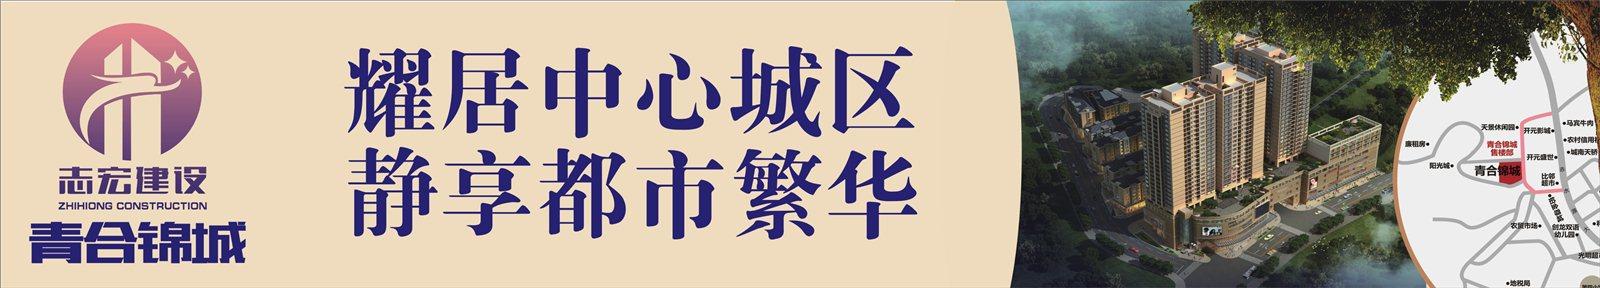 镇雄青合锦城